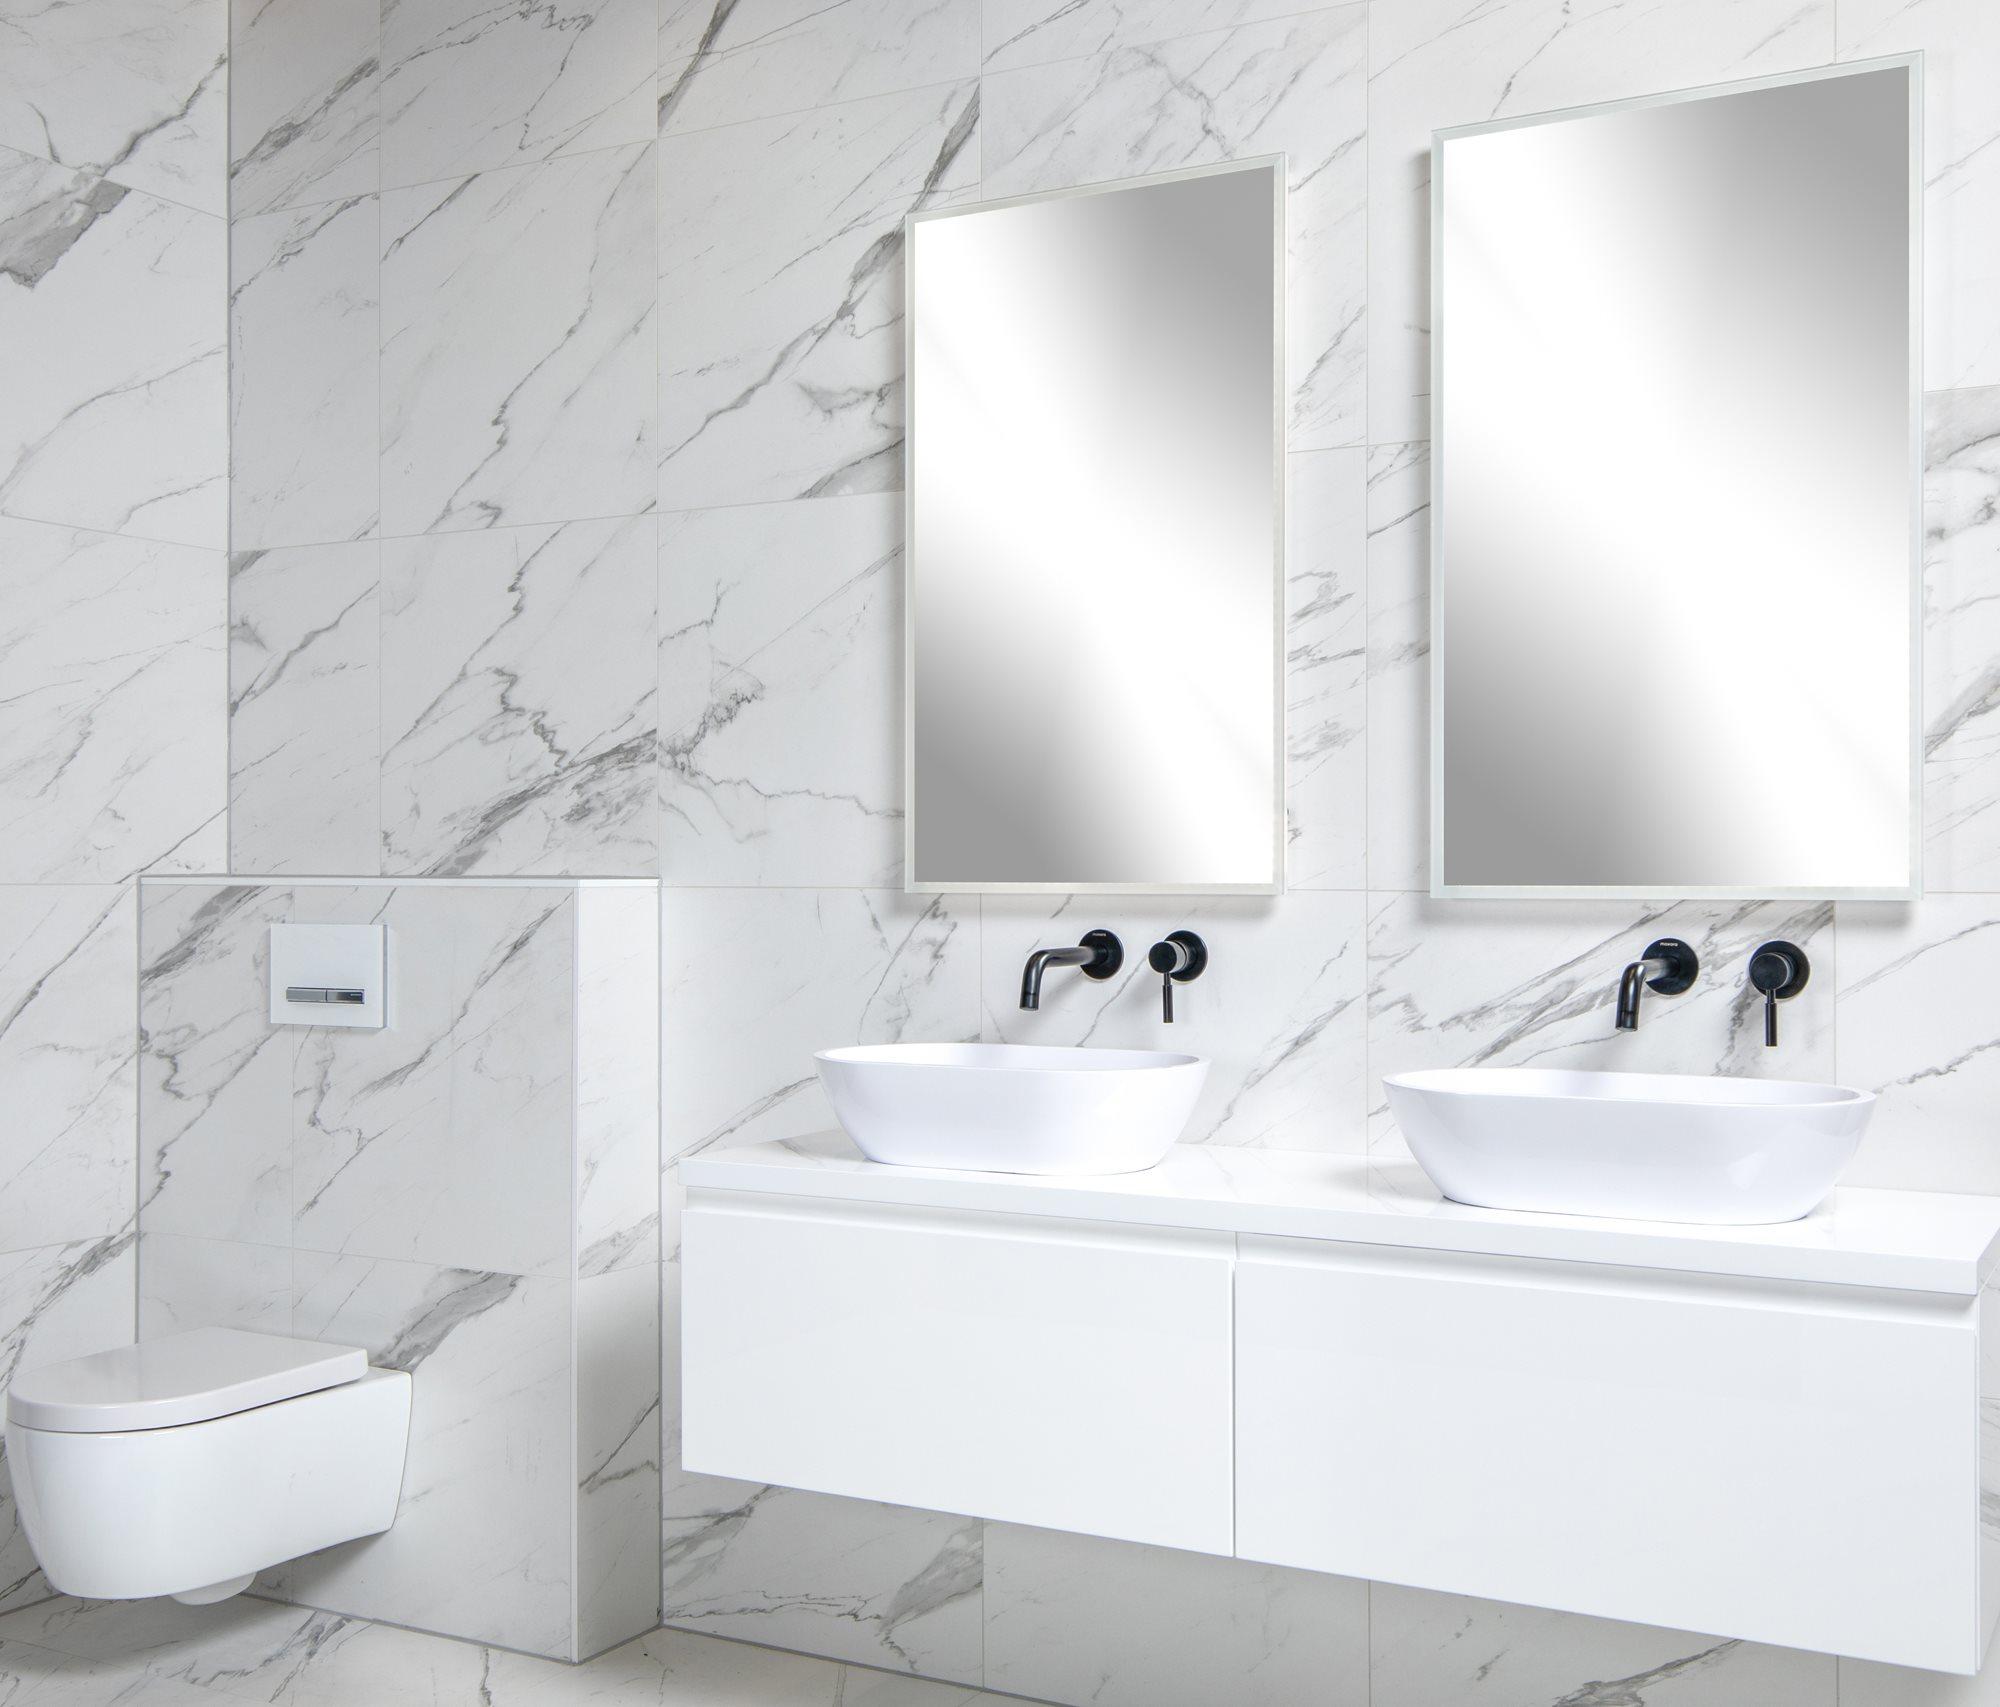 badkamer-wit-marmerlook-badkamermeubels-waskommen.jpg